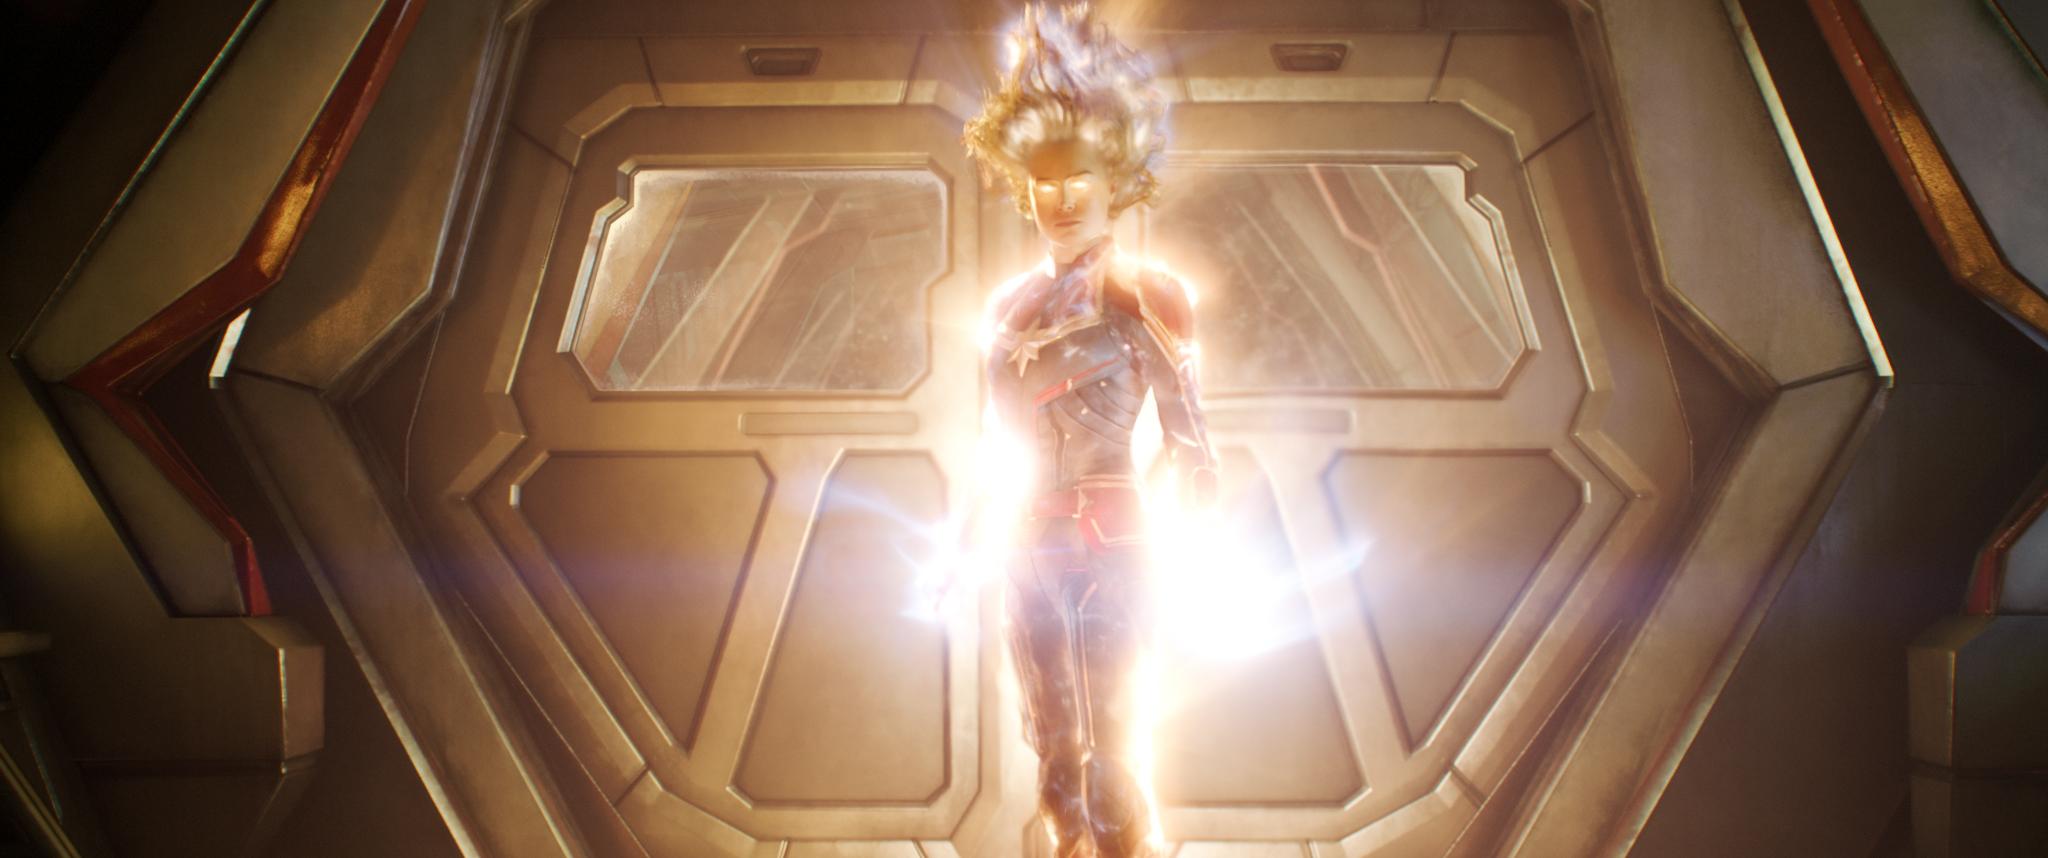 Scene Discussion #33 - Captain Marvel Unlocks Her Full Powers